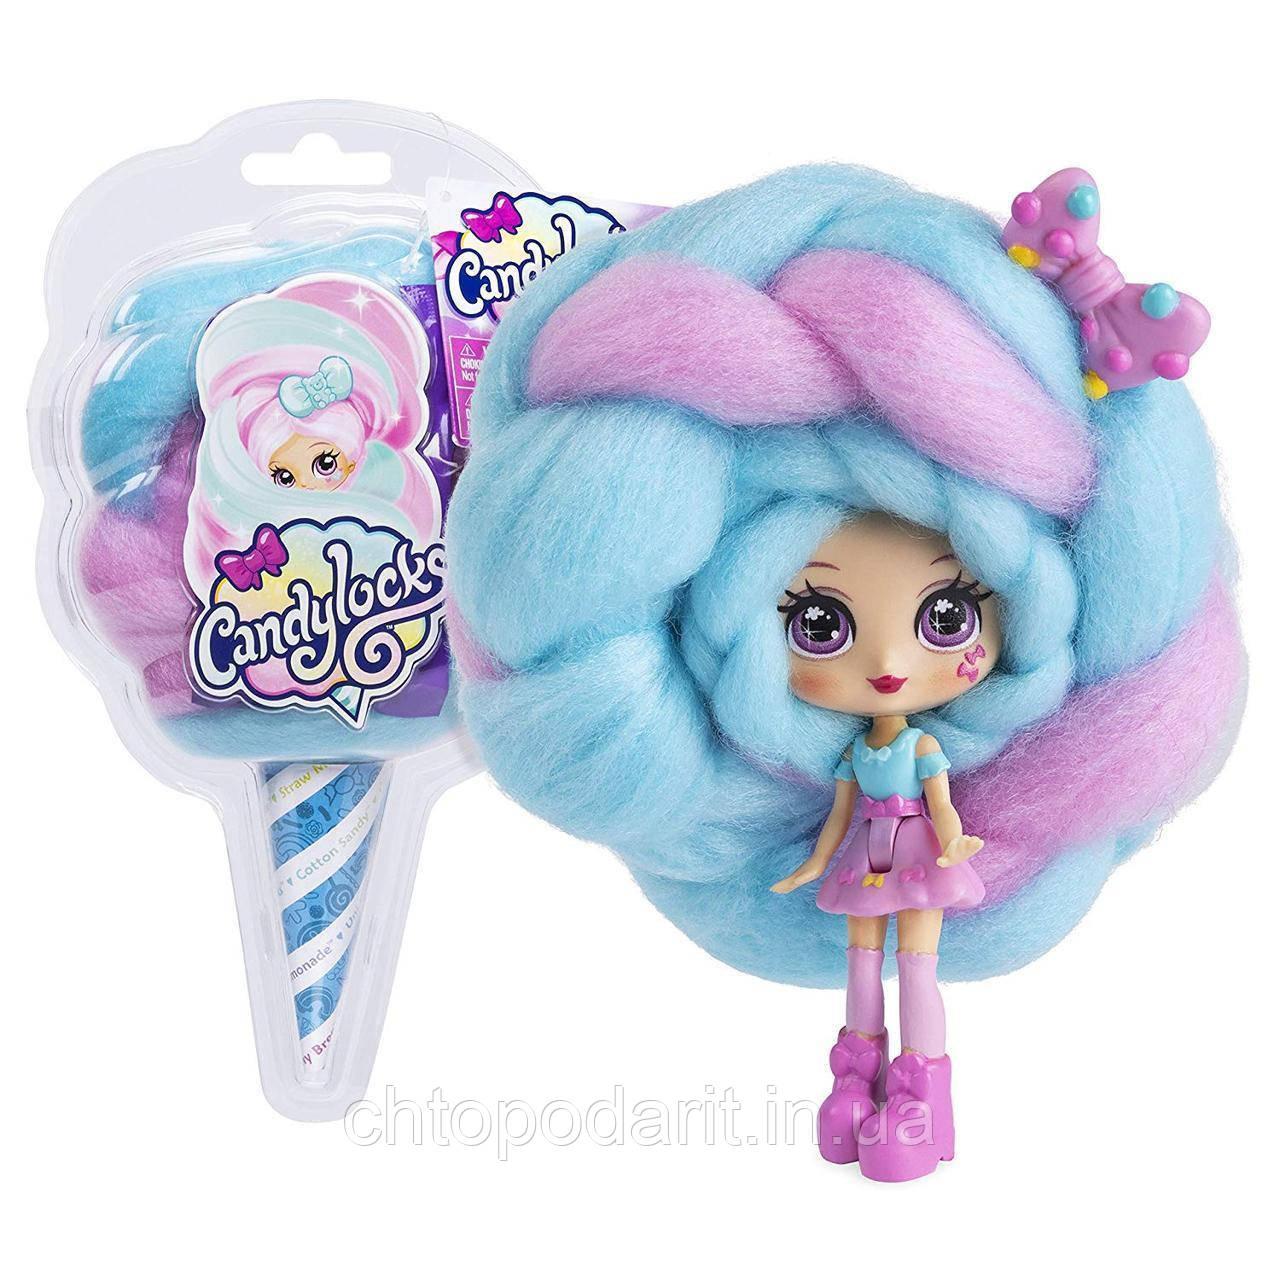 """Кукла """"Кендилукс сладкая вата"""" Candylocks с цветными волосами Код 12-1926"""